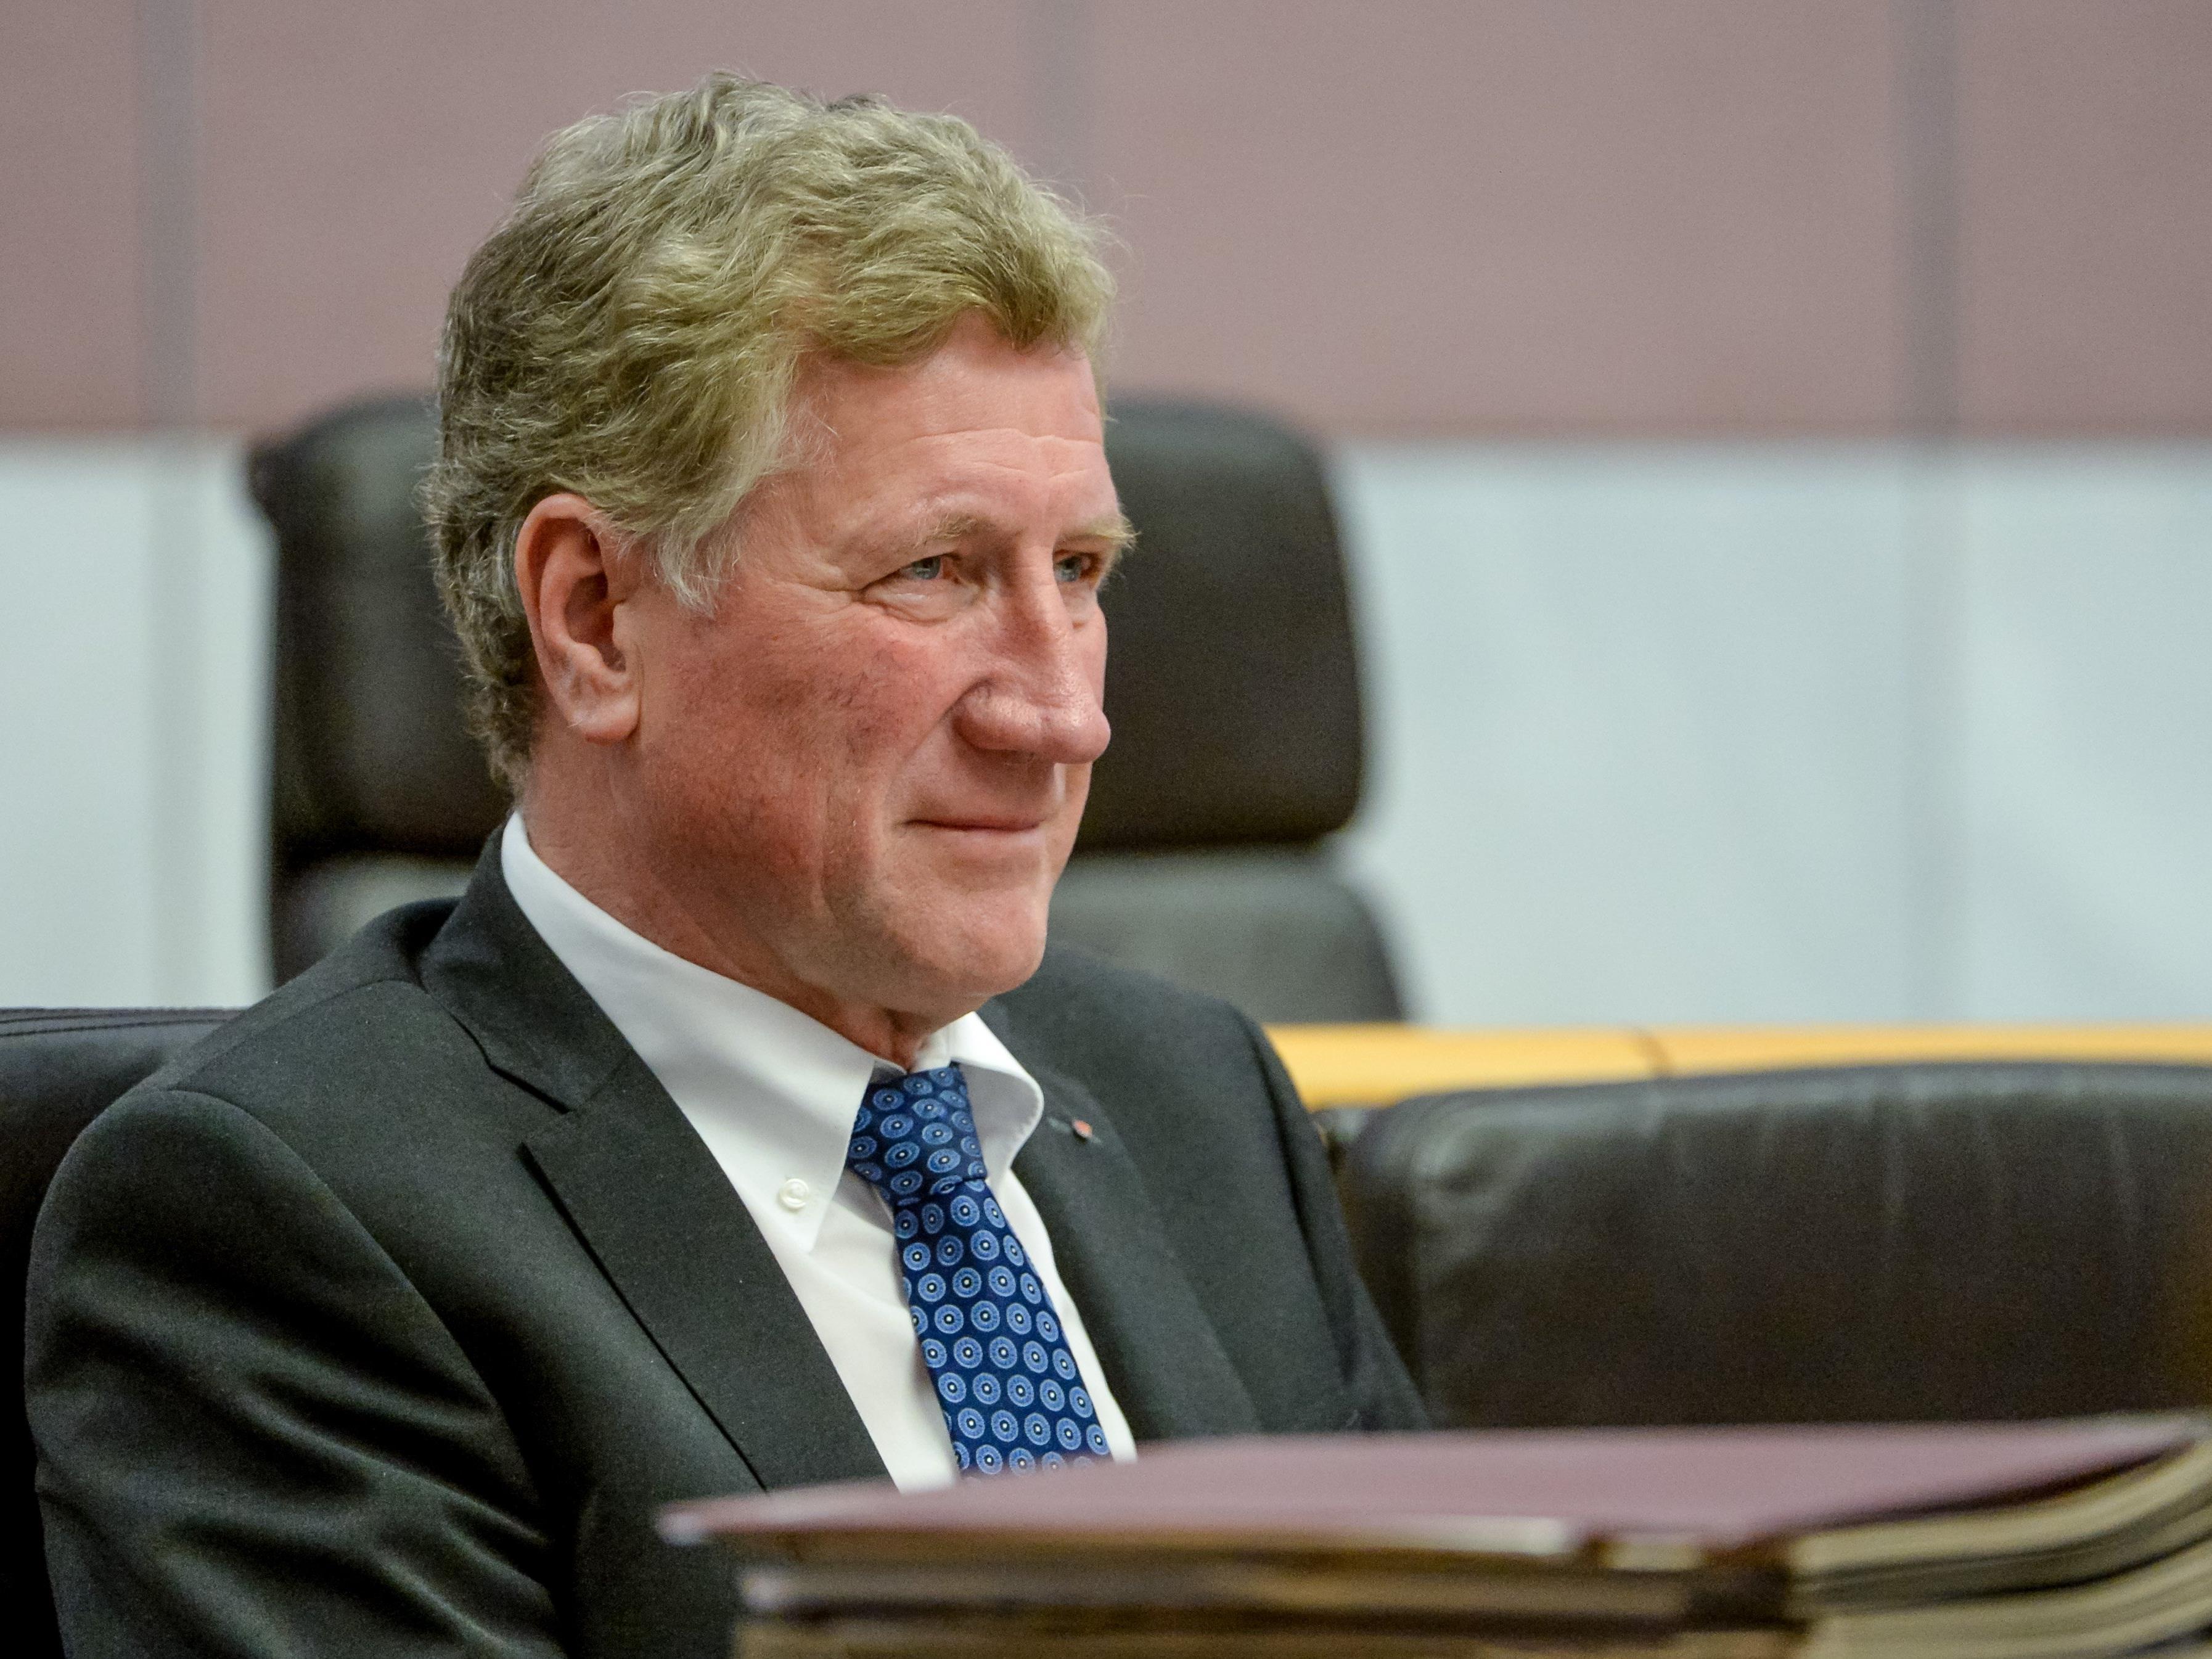 Landesrat Schwärzler einen dringenden Appell an die Bundesregierung.